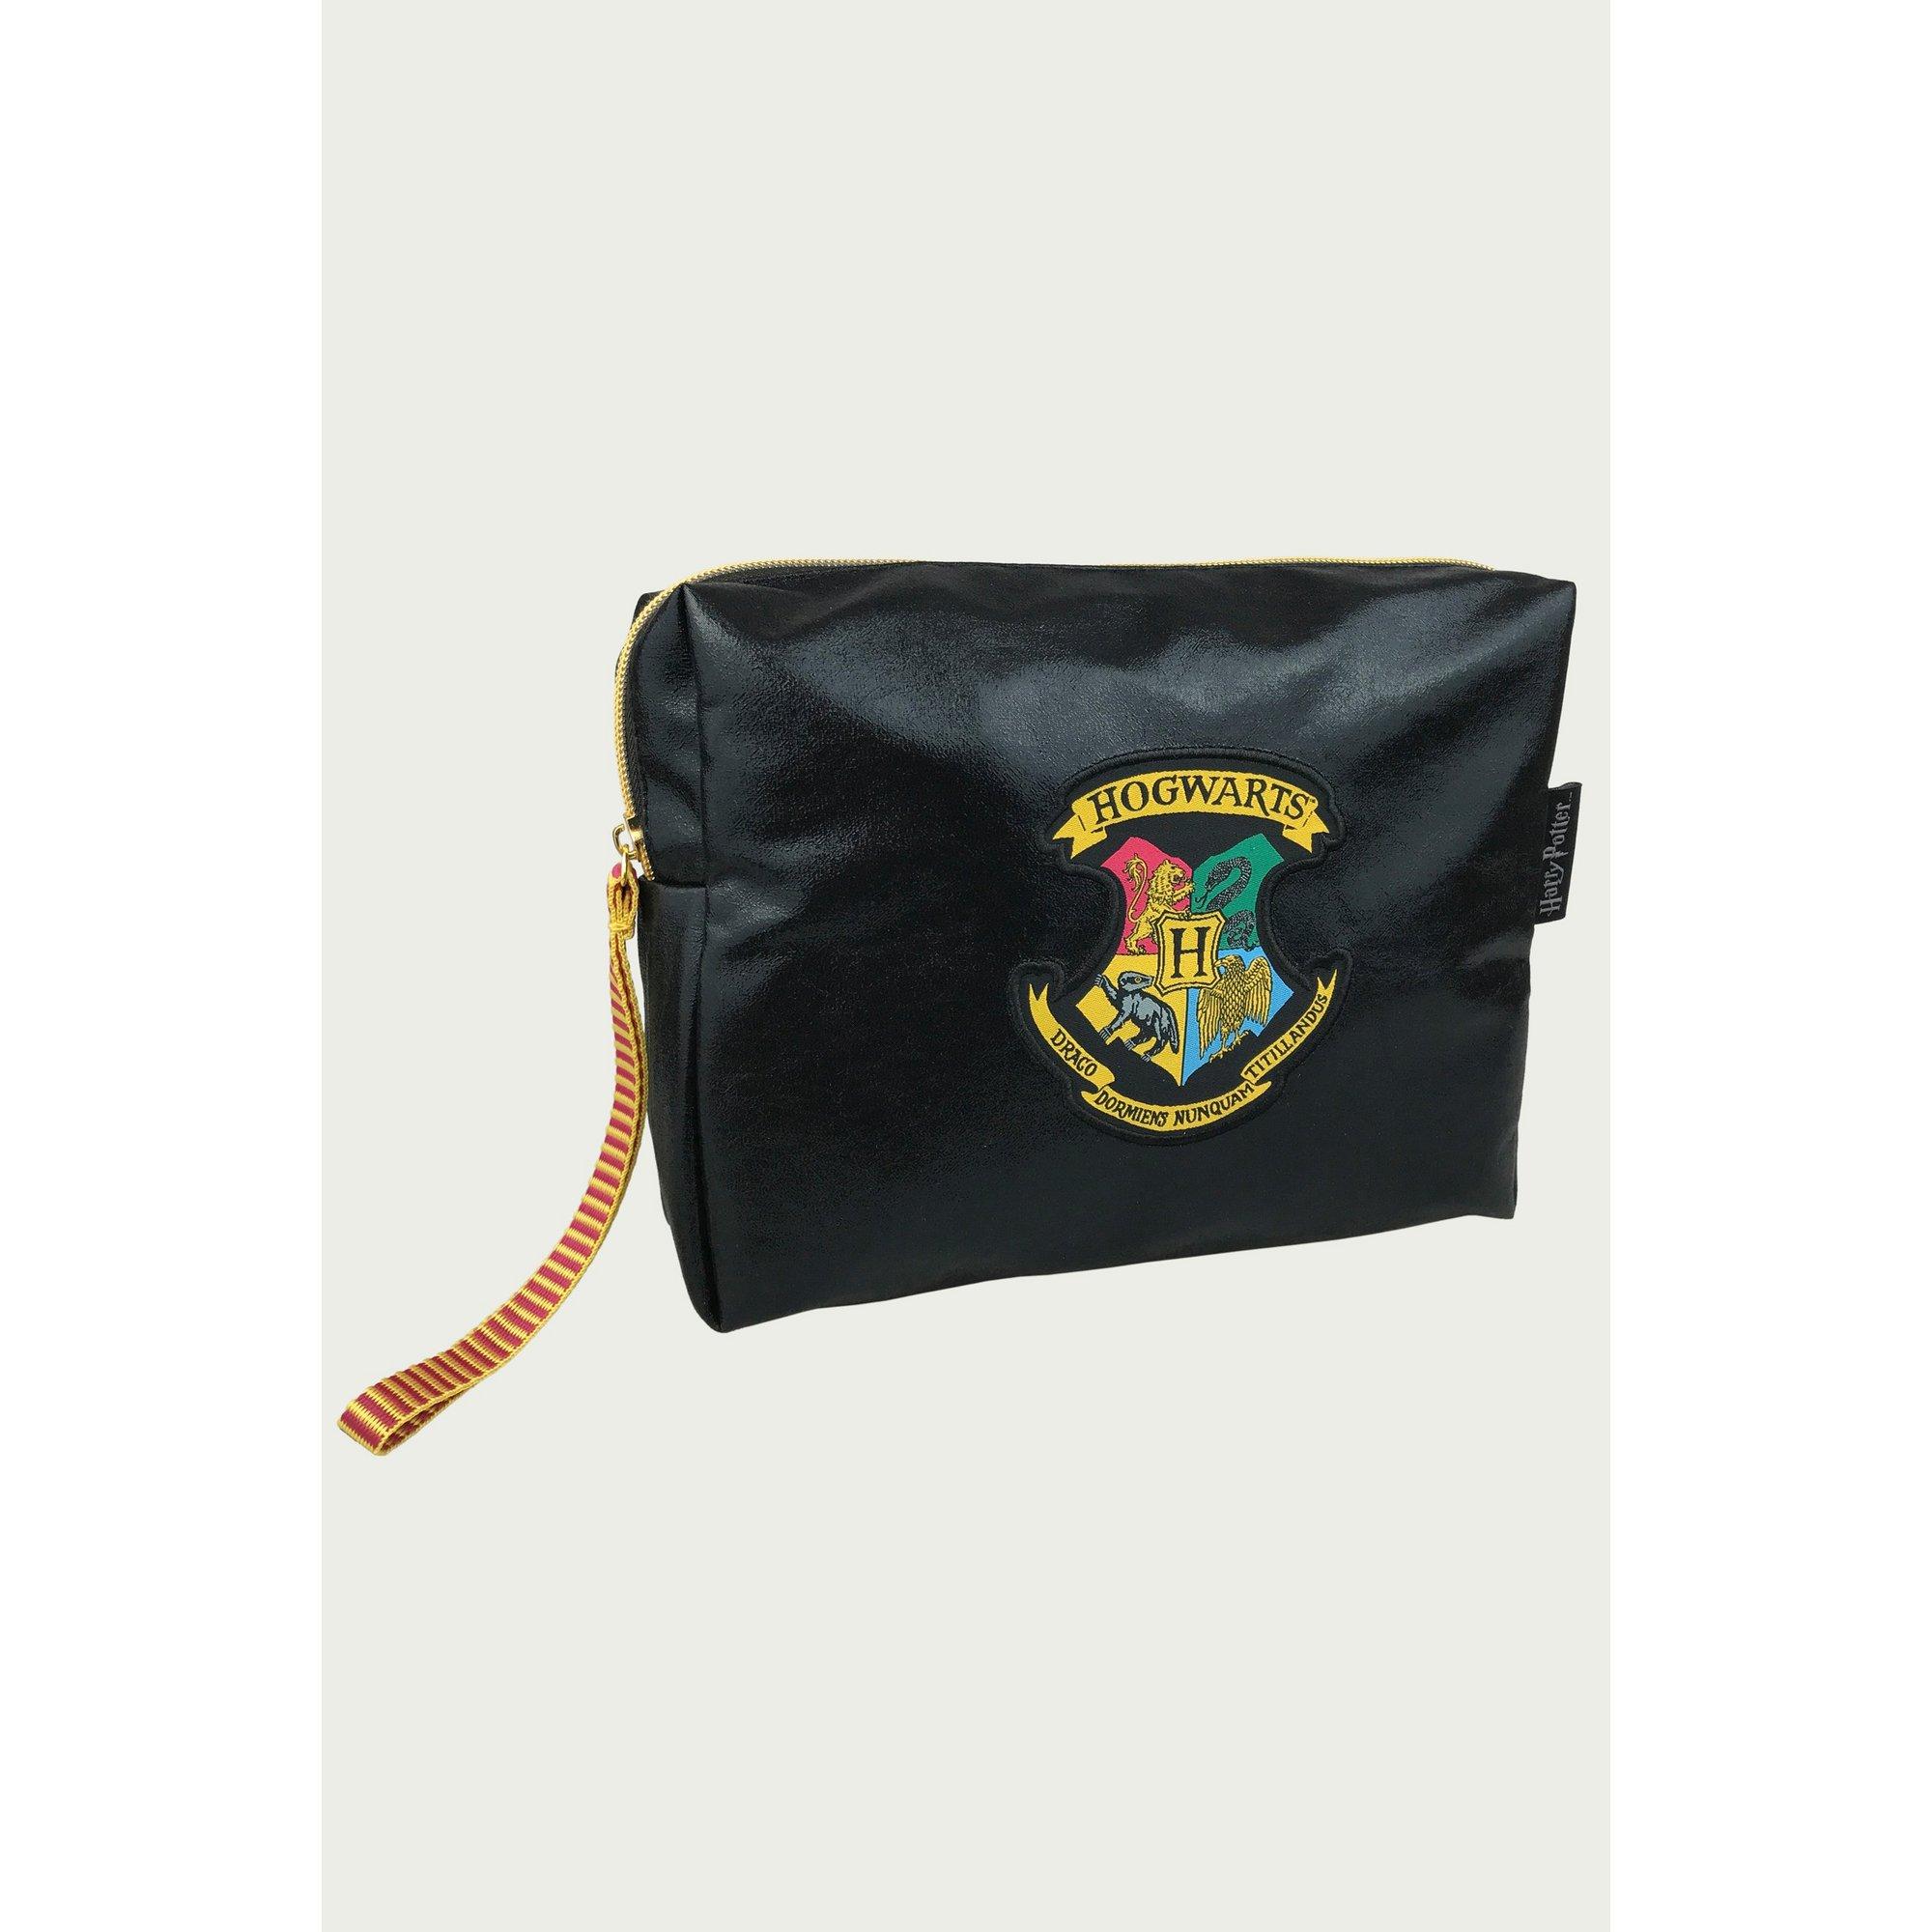 Image of Hogwarts Harry Potter Shimmer Wash Bag